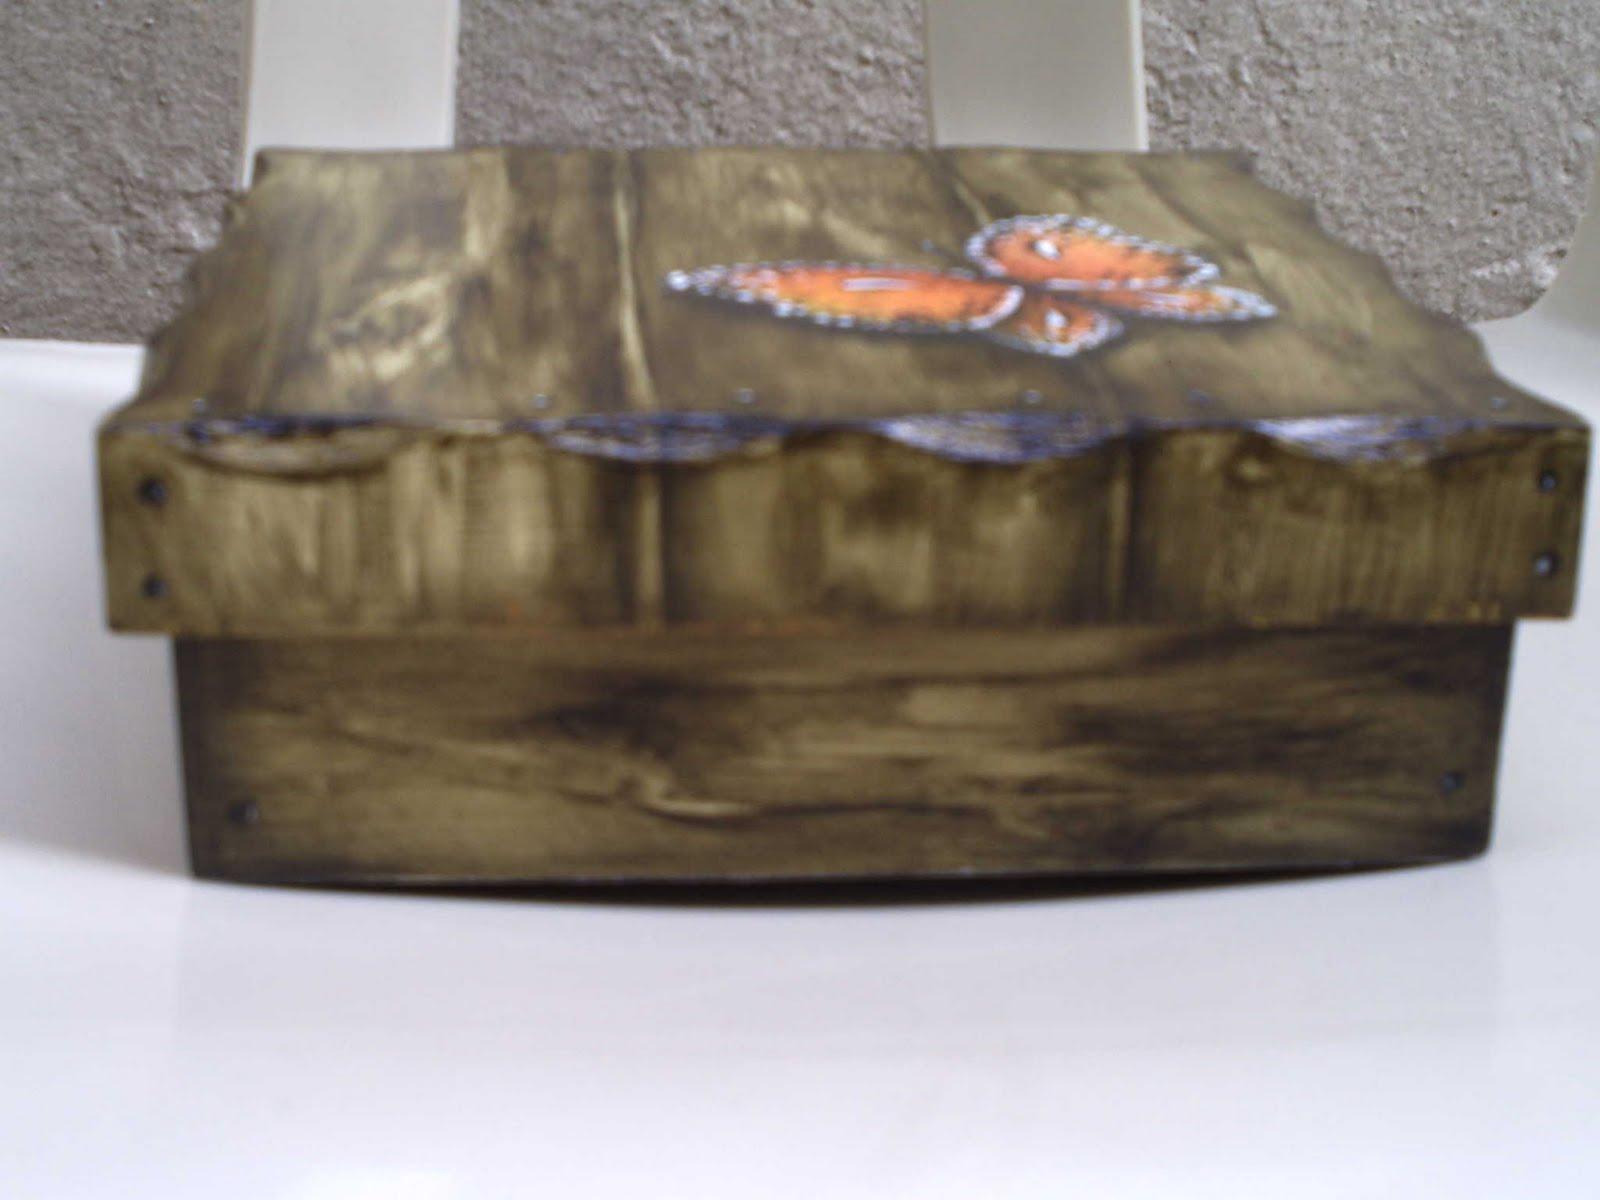 de pregos e outros !: Caixa em mdf com pintura imitação de madeira #8F593C 1600x1200